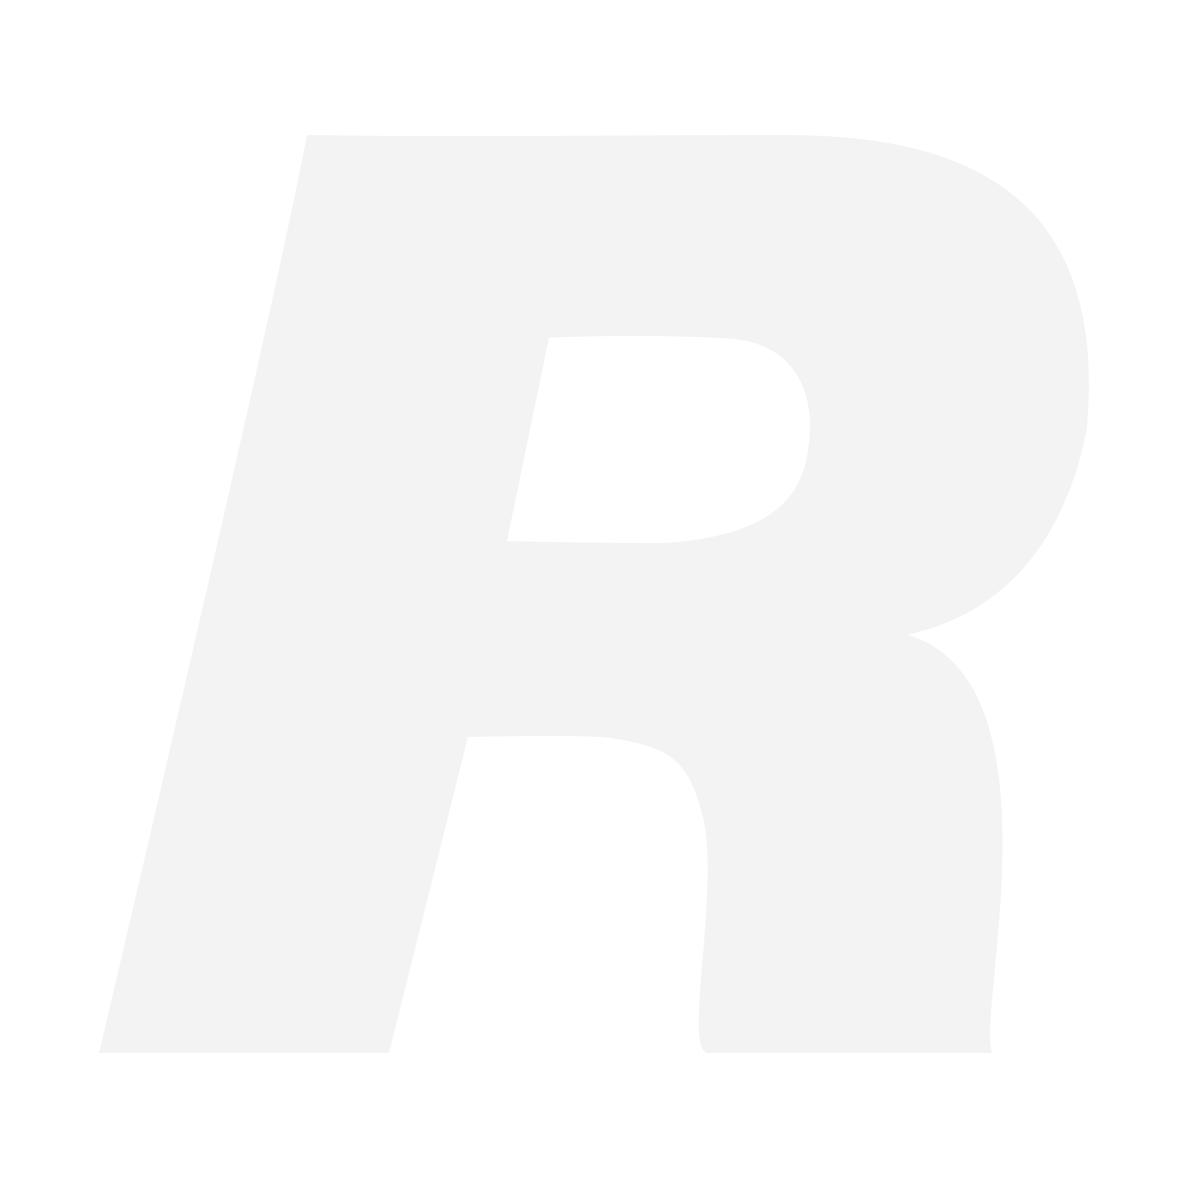 Swarovski TLS APO 43mm (STX/ATX)  KÄYTETTY